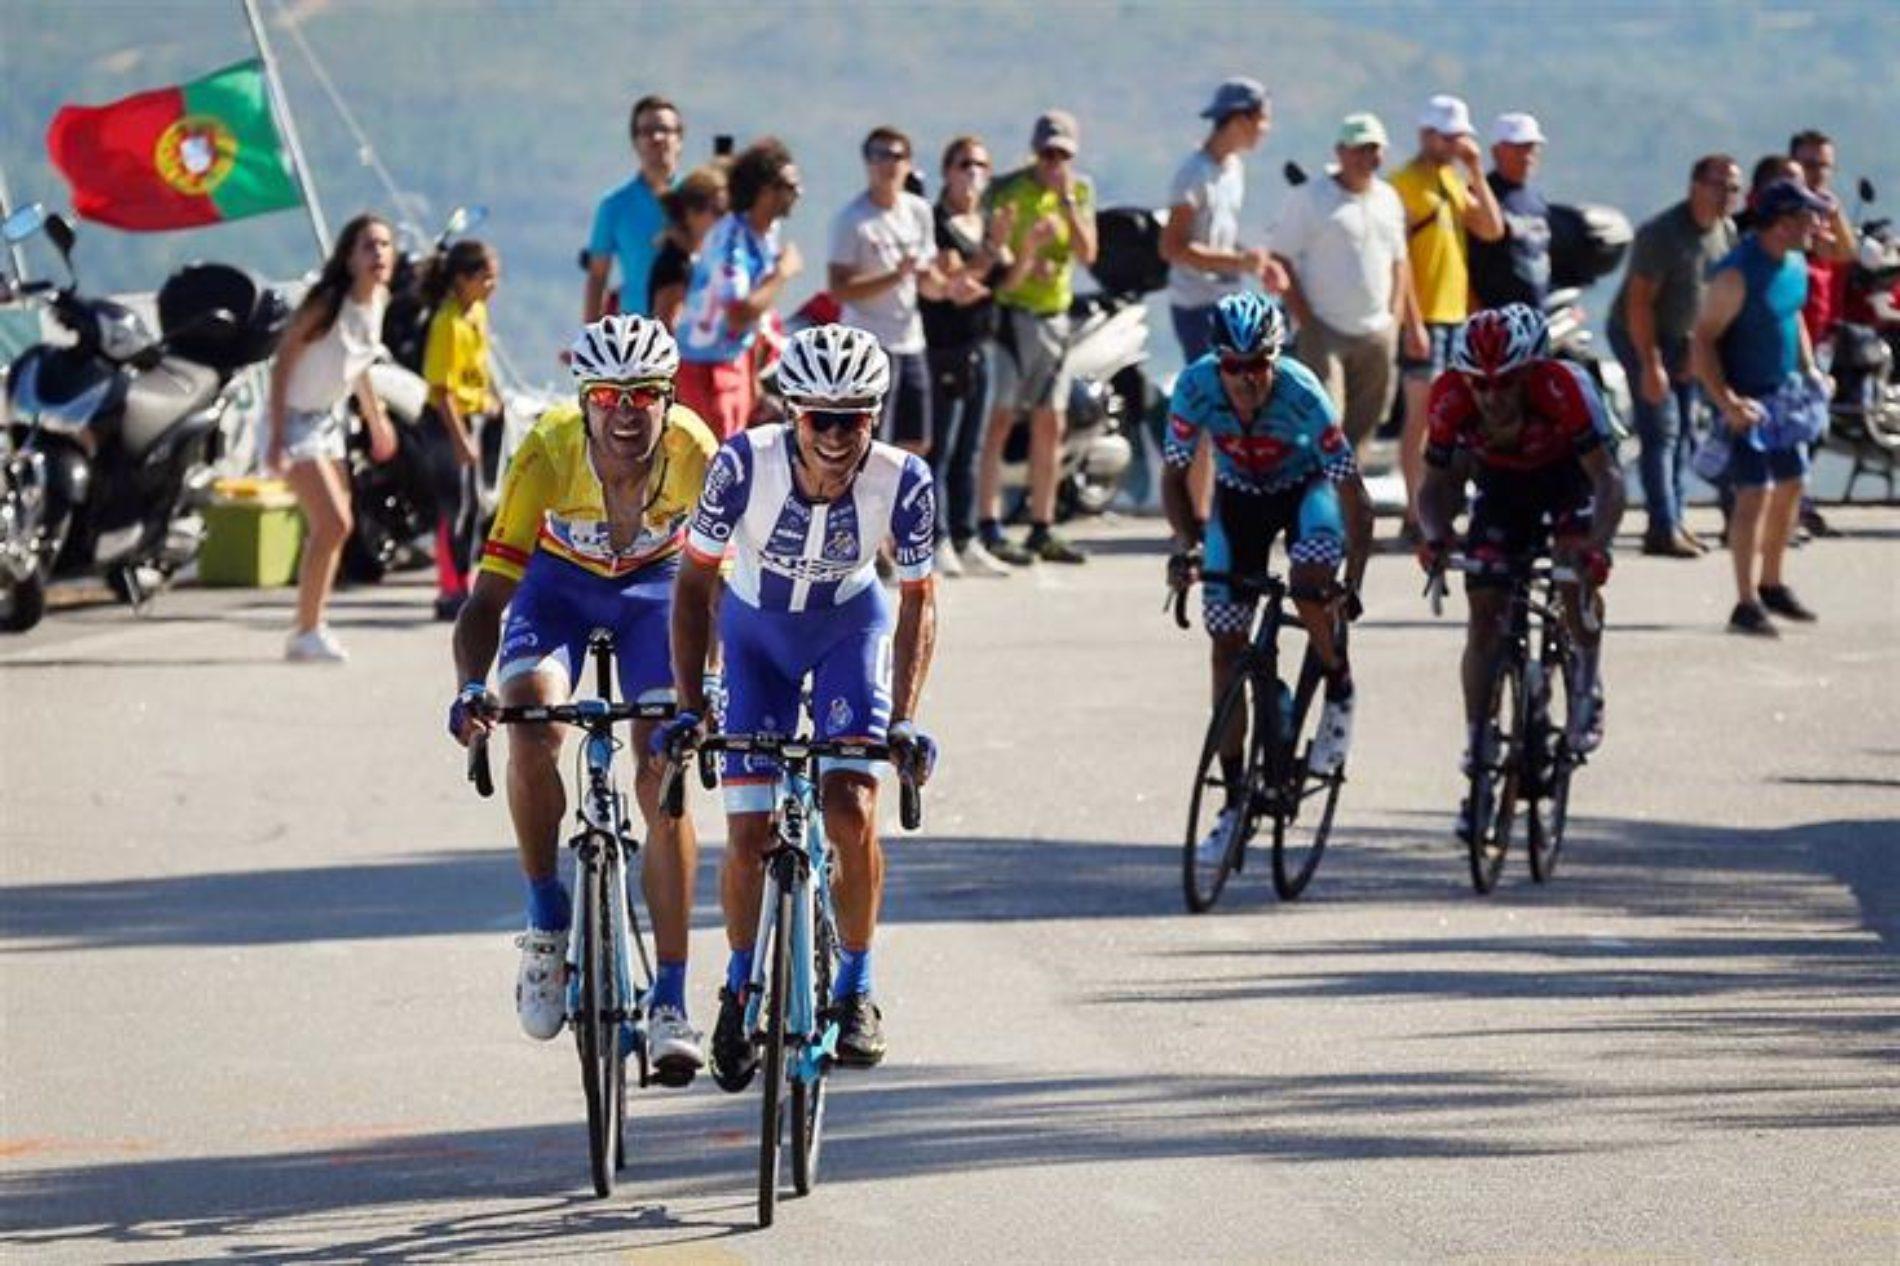 Pelotão cumpre quinta etapa da Volta a Portugal em Bicicleta